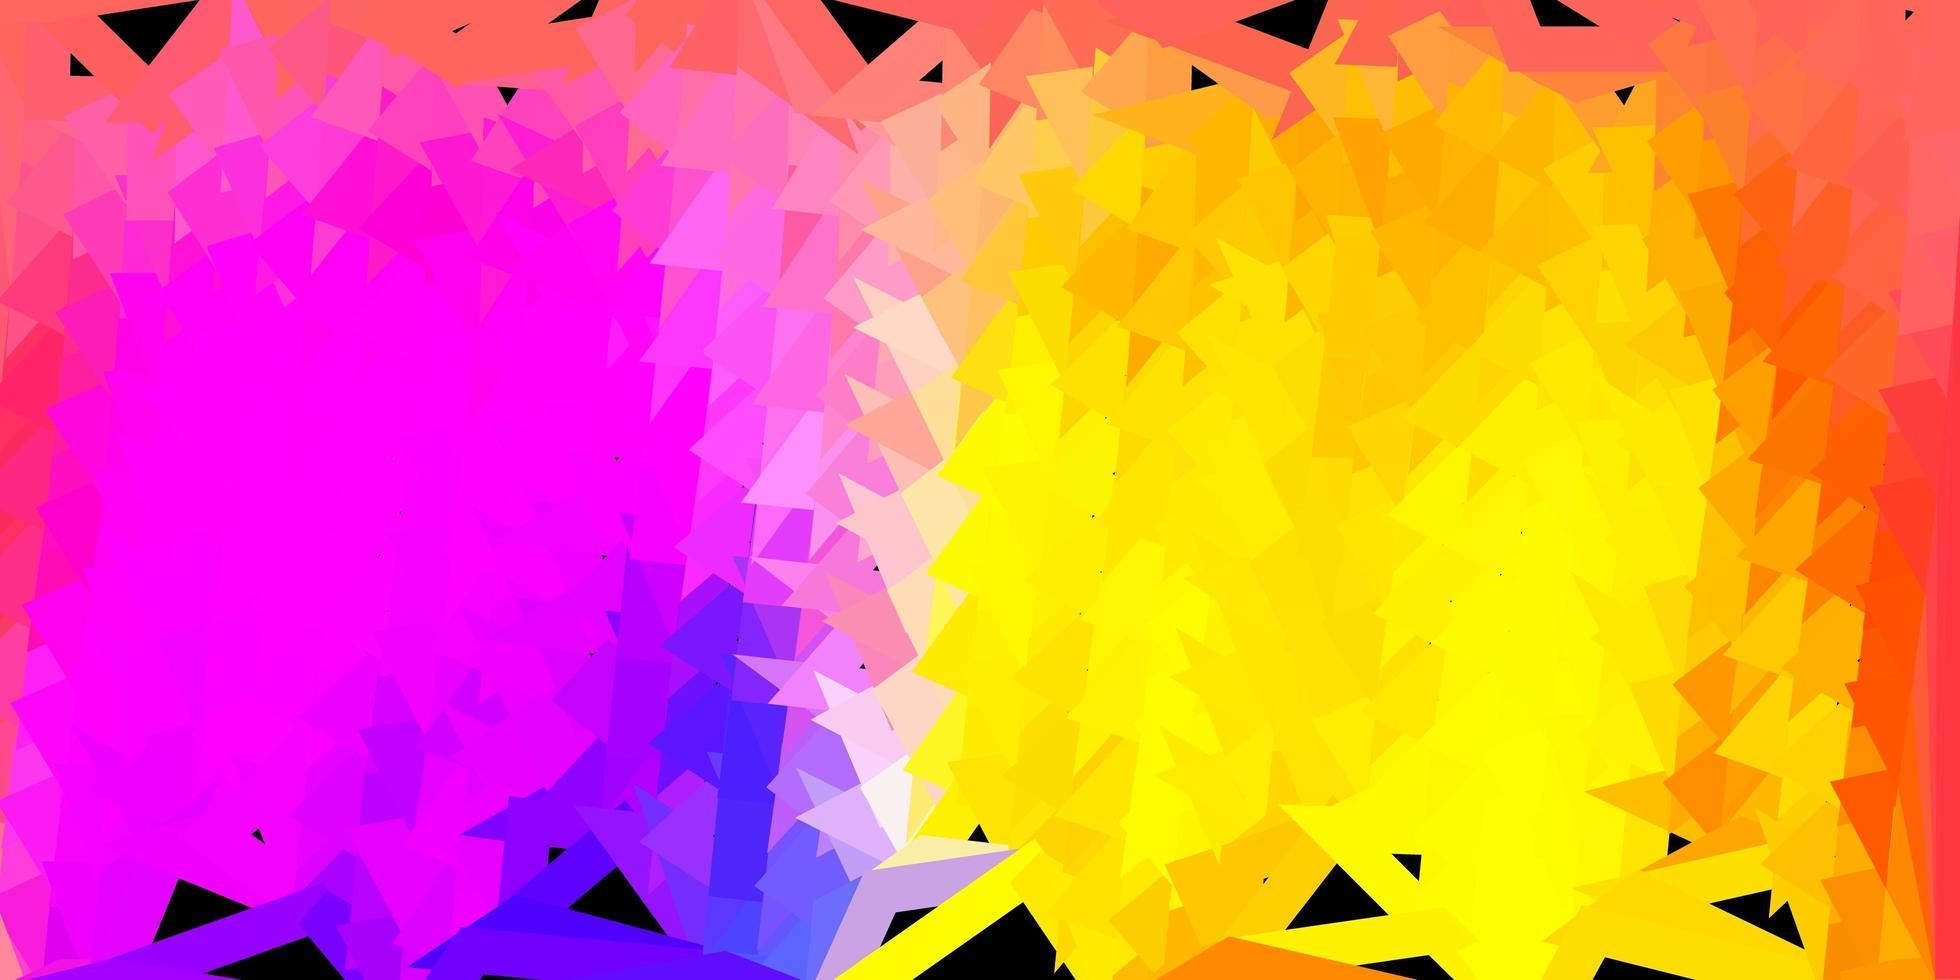 patrón de mosaico de triángulo vector azul claro, amarillo.